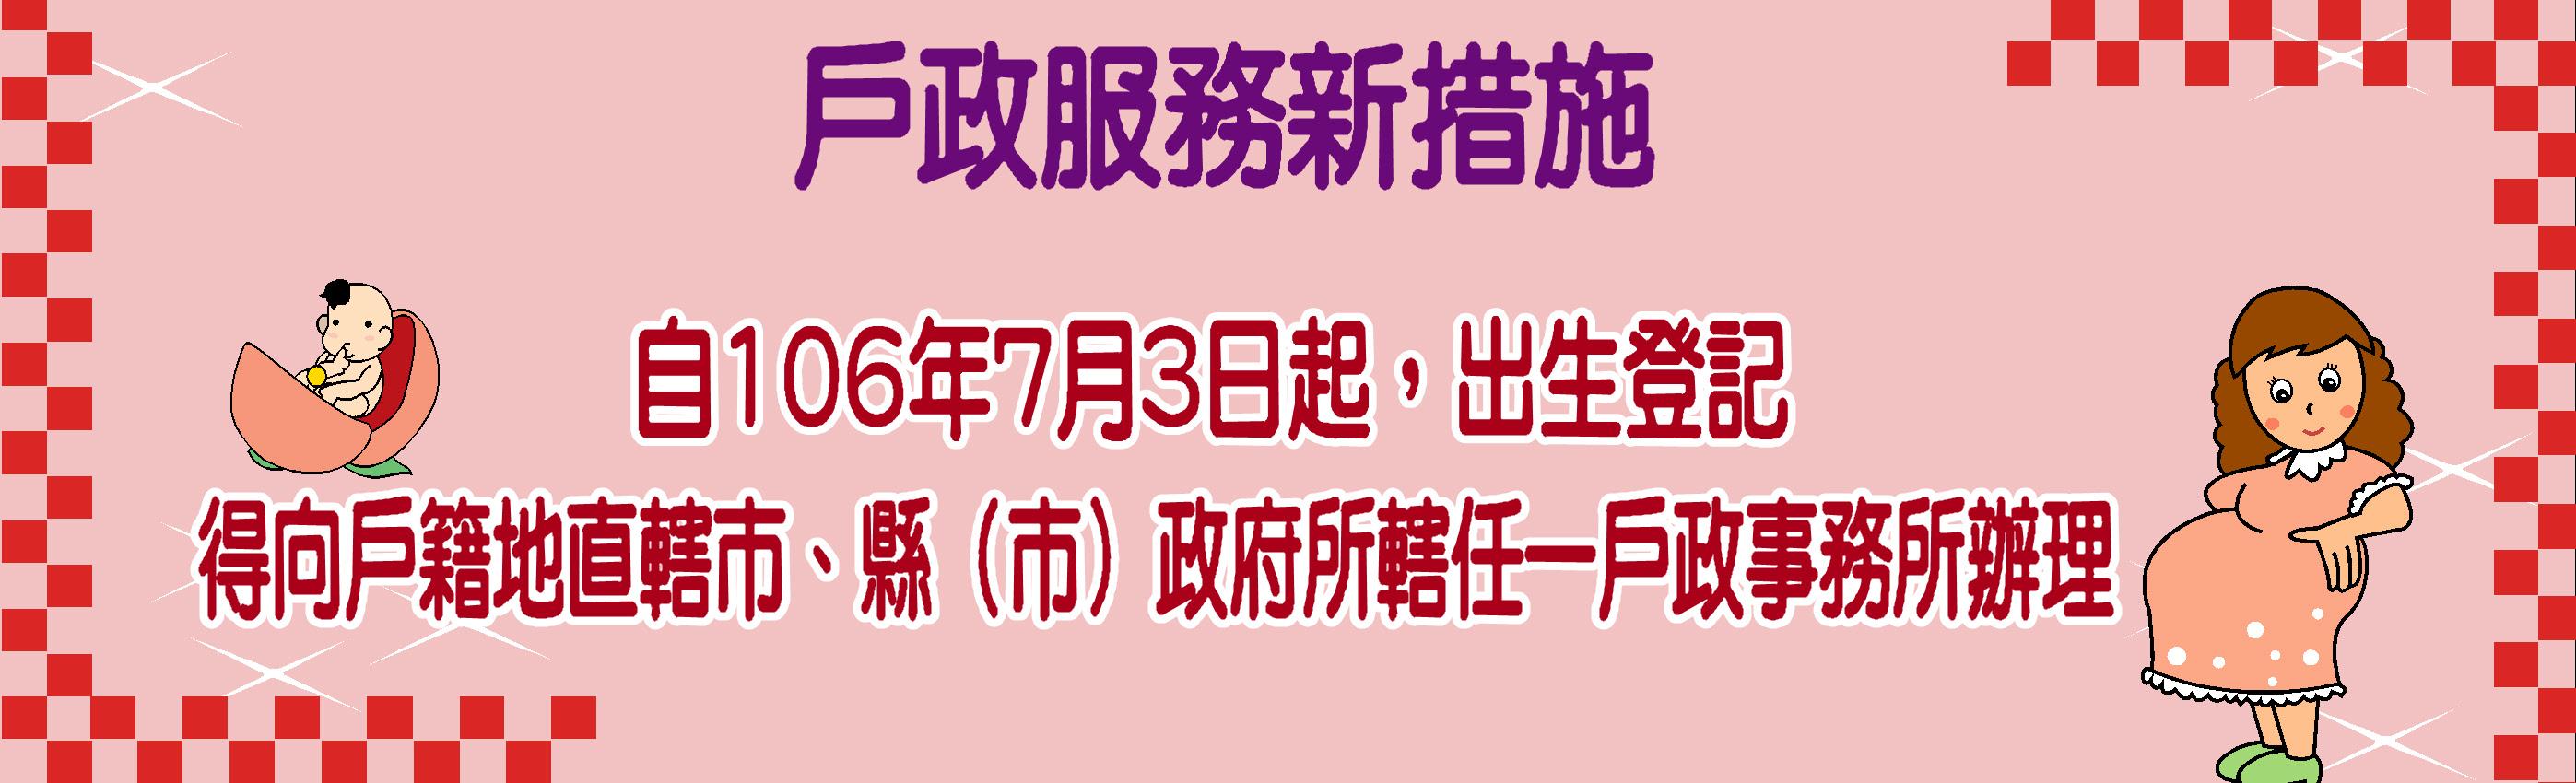 自106年7月3日起,出生登記得向戶籍地直轄市、縣(市)政府所轄任一戶政事務所辦理